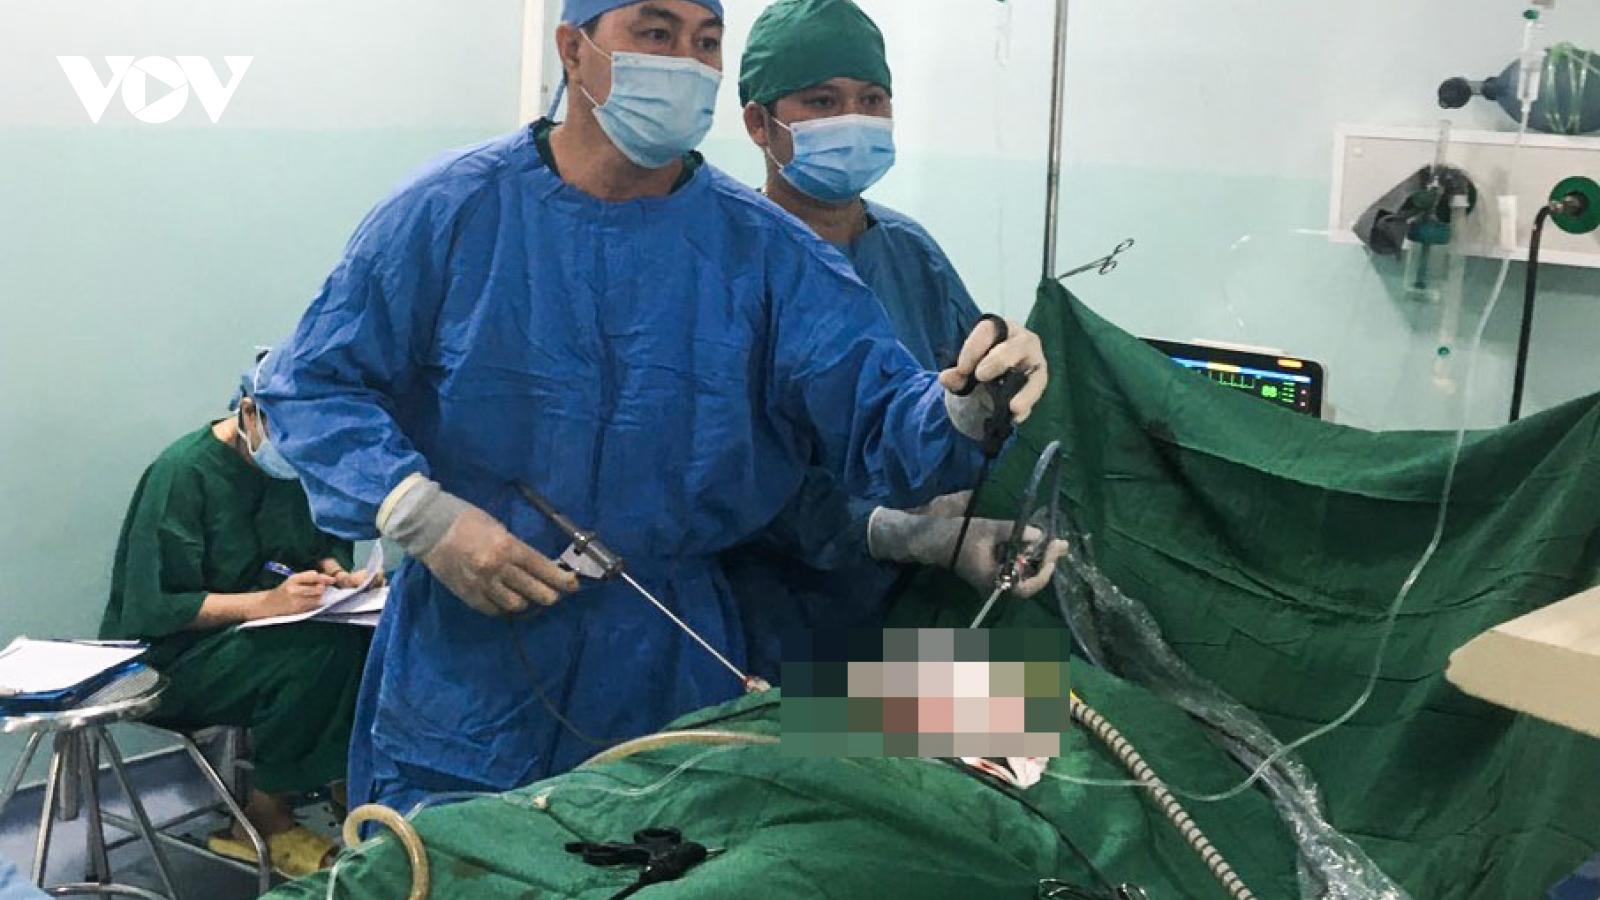 Bóc khối u đầy tóc và răng trong buồng trứng người phụ nữ